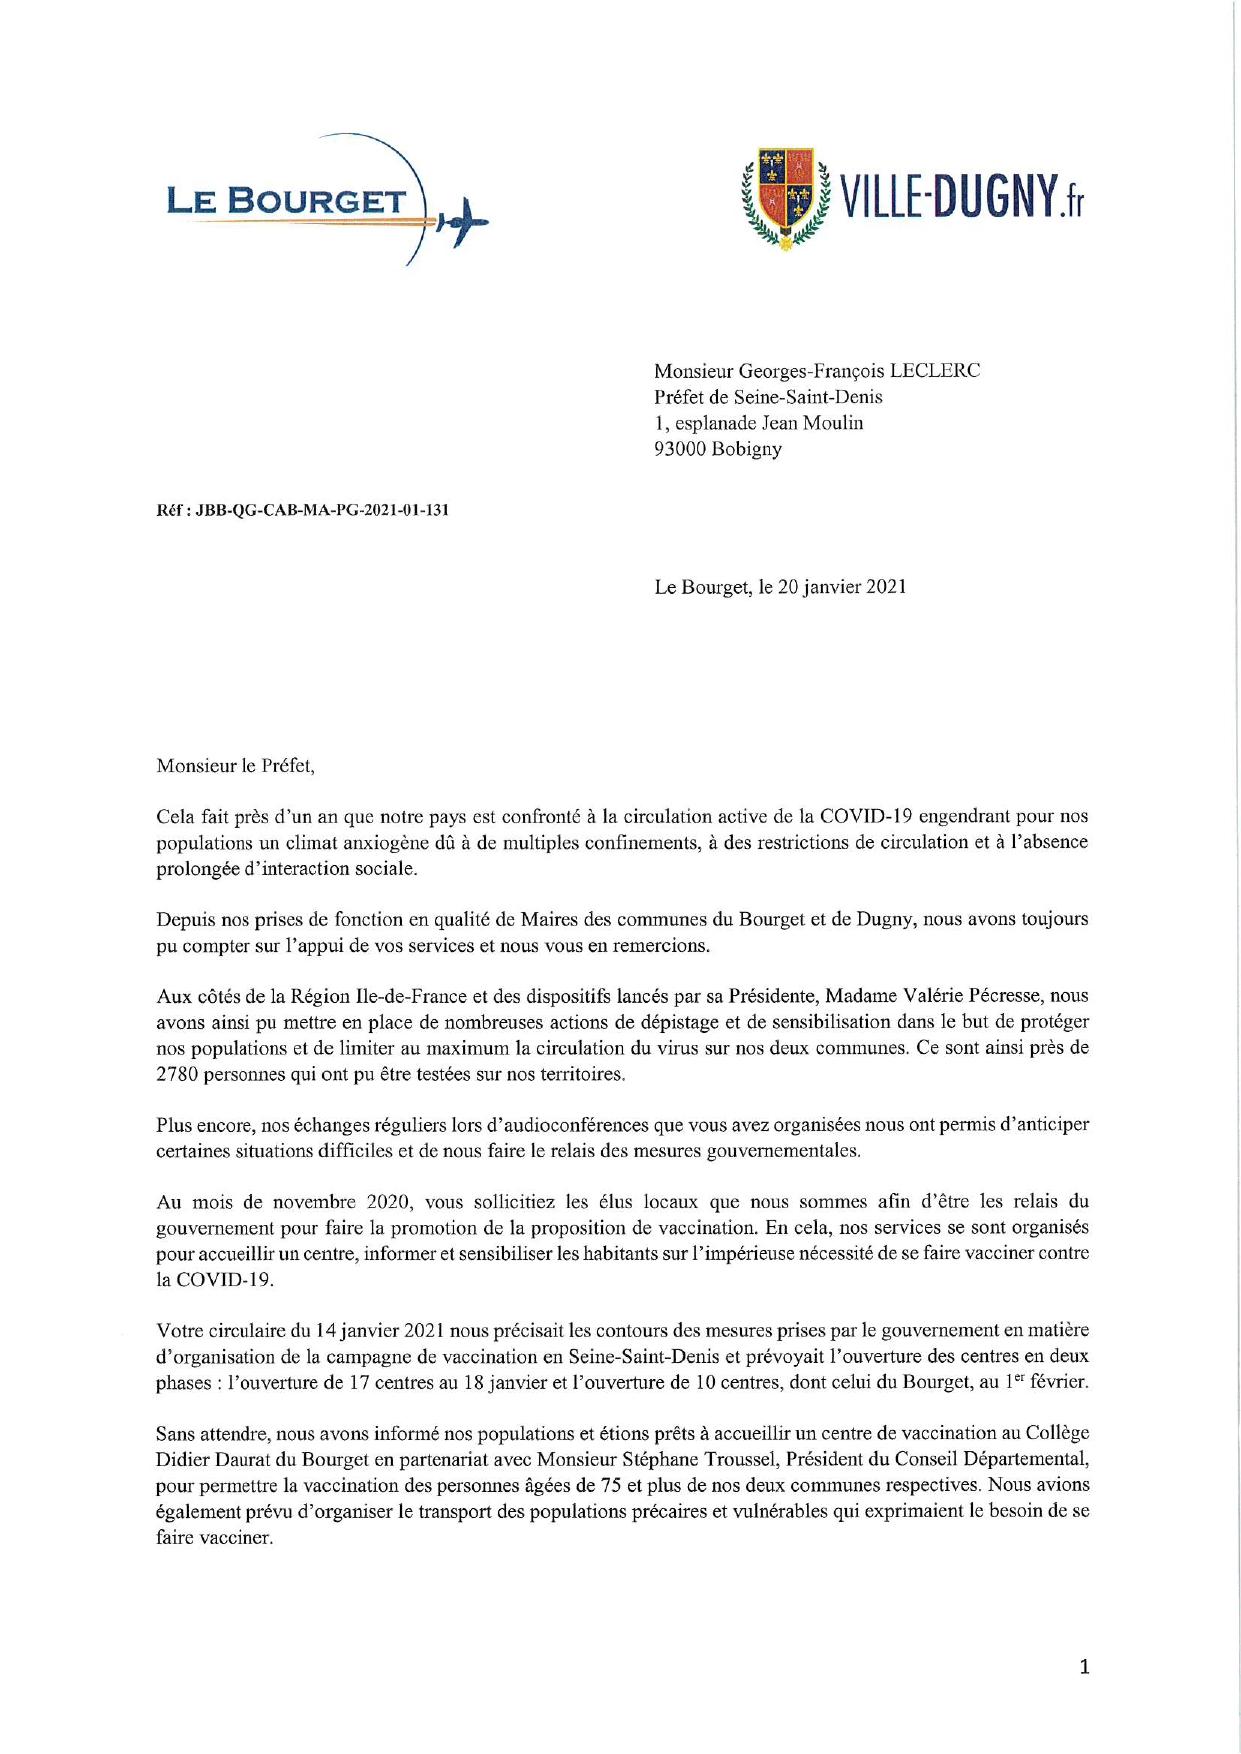 Lettre commune du Bourget et Dugny au Préfet de Seine-Saint-Denis